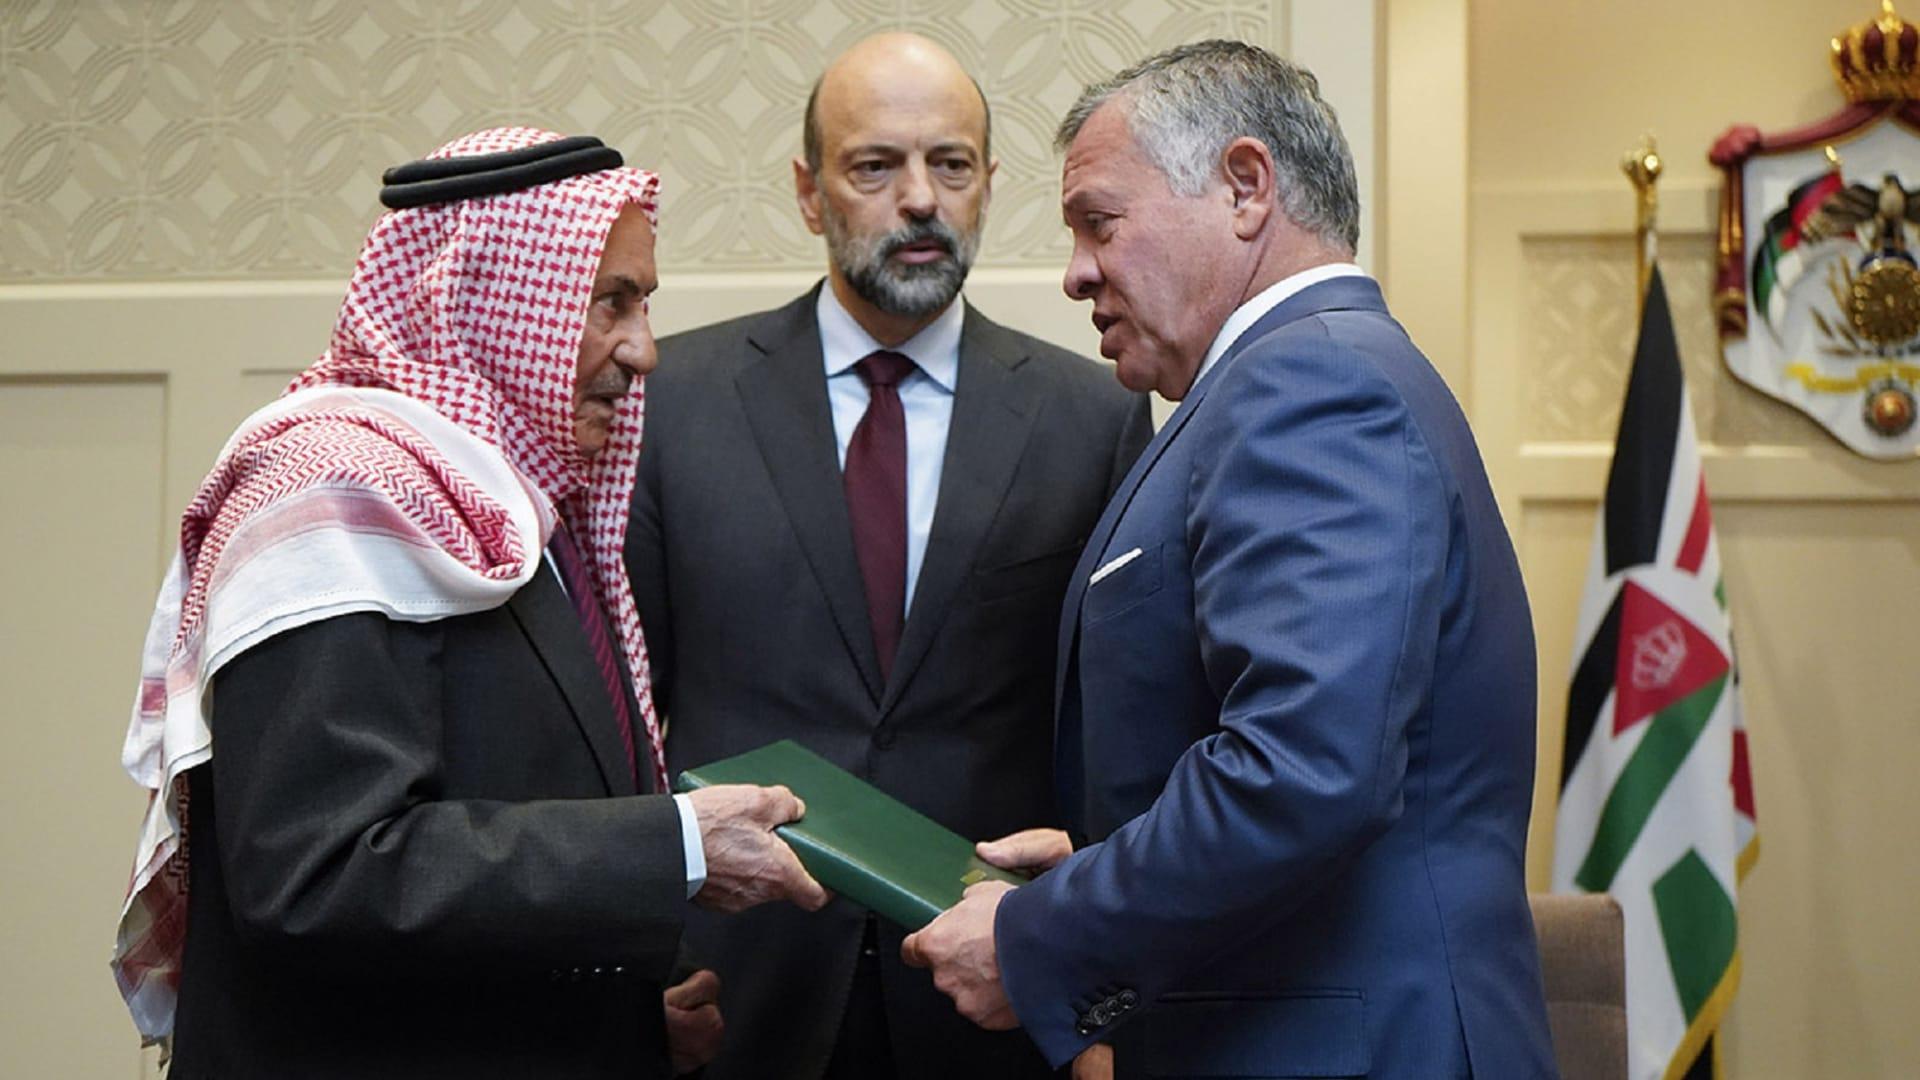 ملك الأردن يتسلم التقرير النهائي لسيول البحر الميت: الموضوع مهم جدا